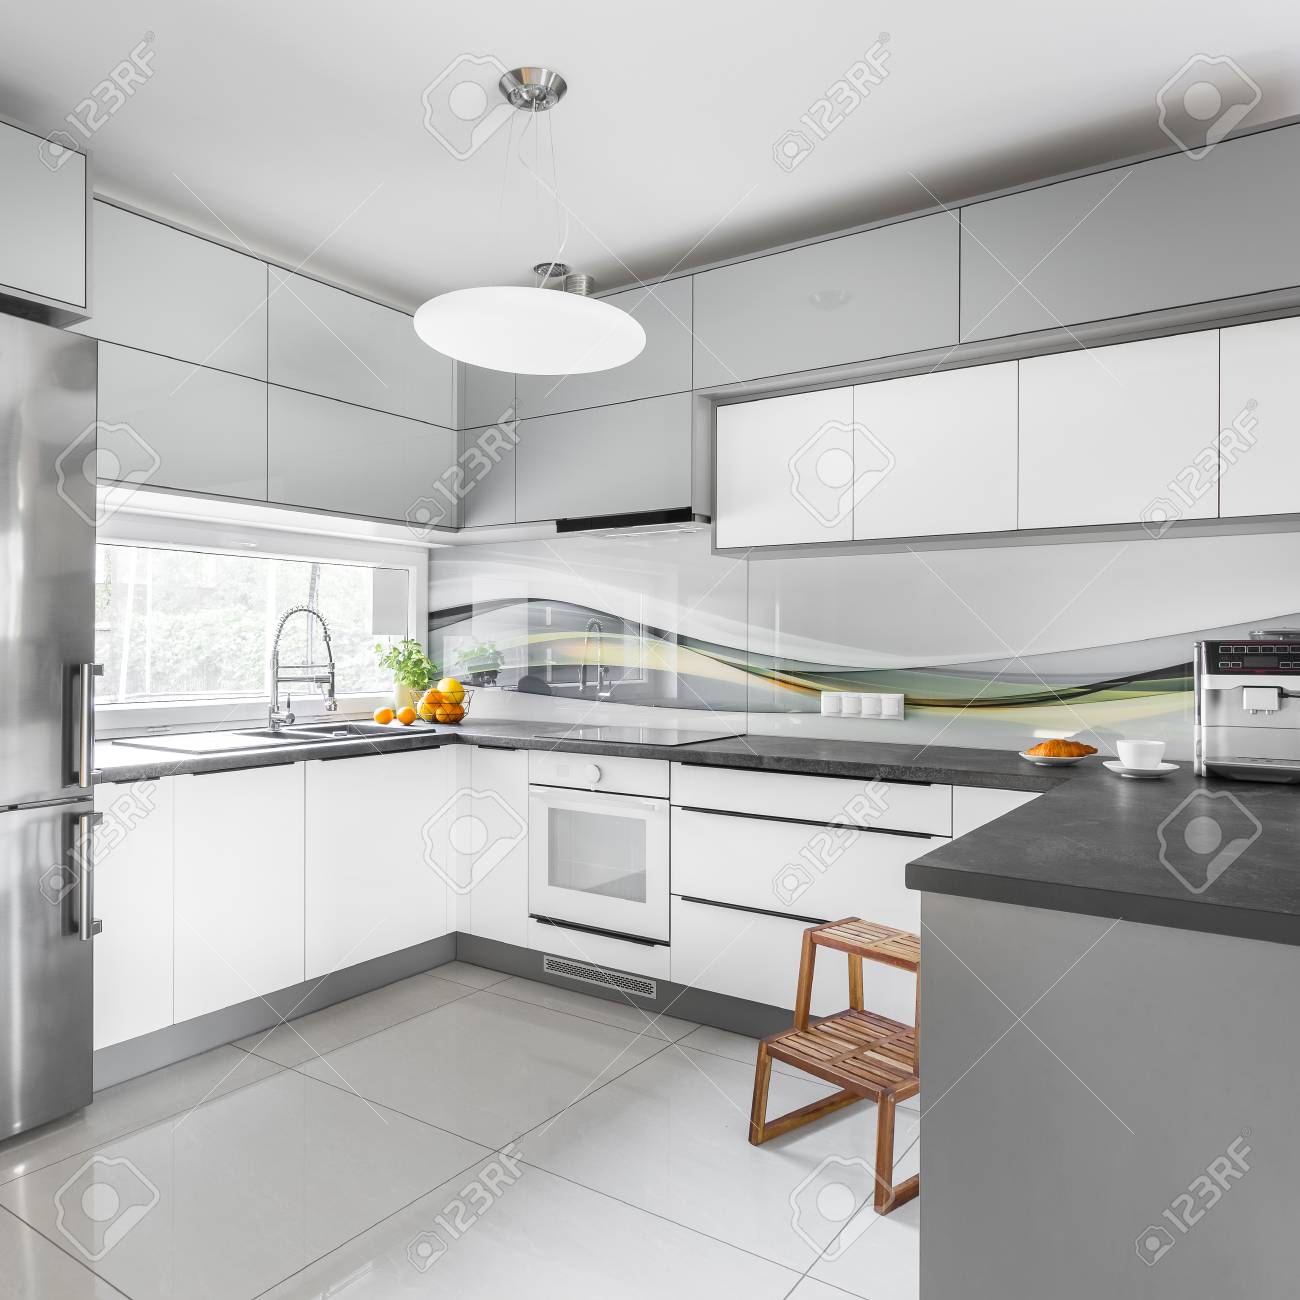 Cocina De Diseño Moderno En Gris Y Blanco Con Taburete De Madera ...